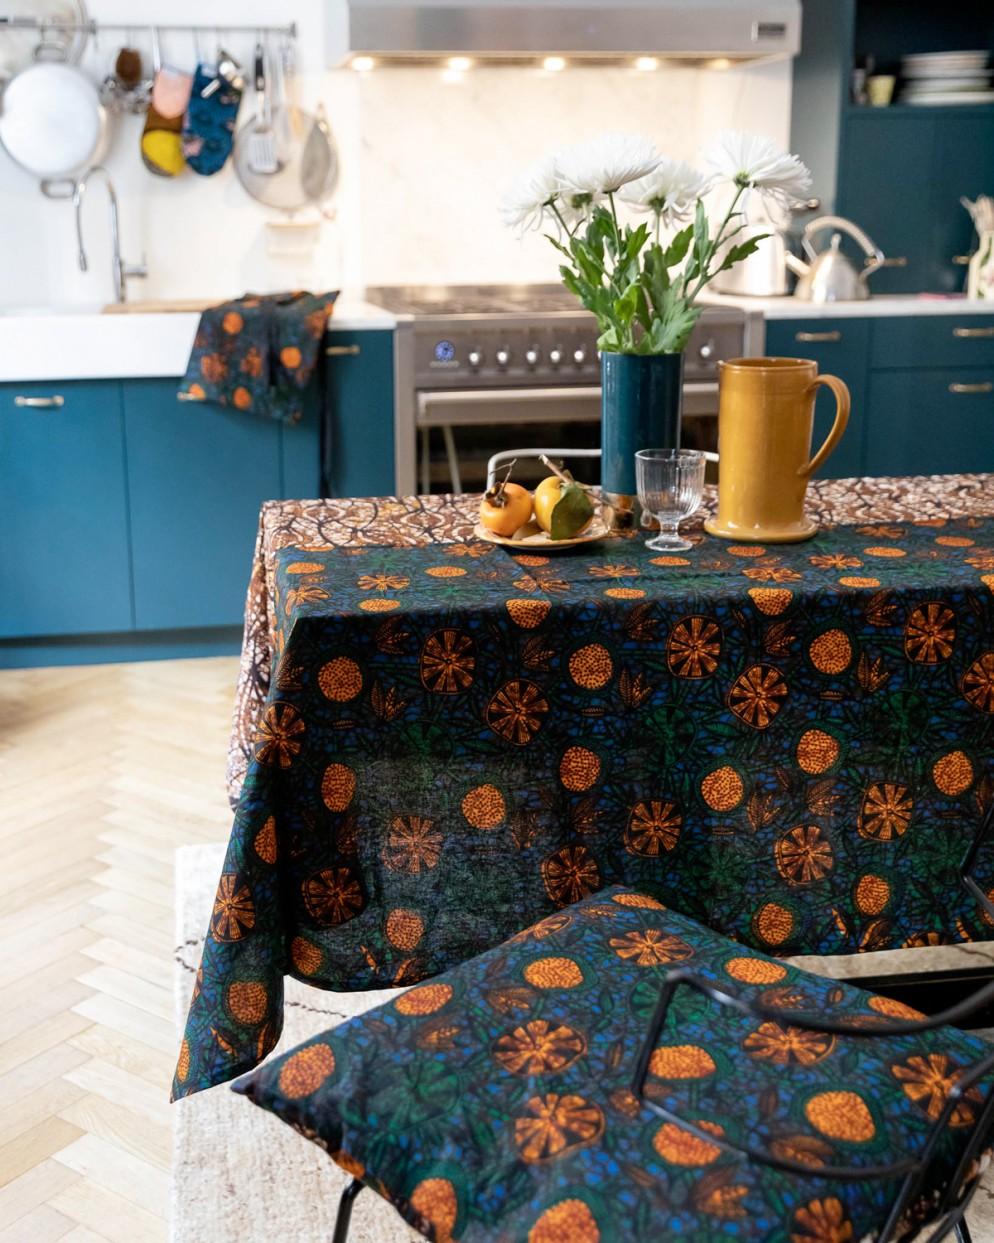 005_Endelea_tovaglia bicolor Orange Cinnamon 02